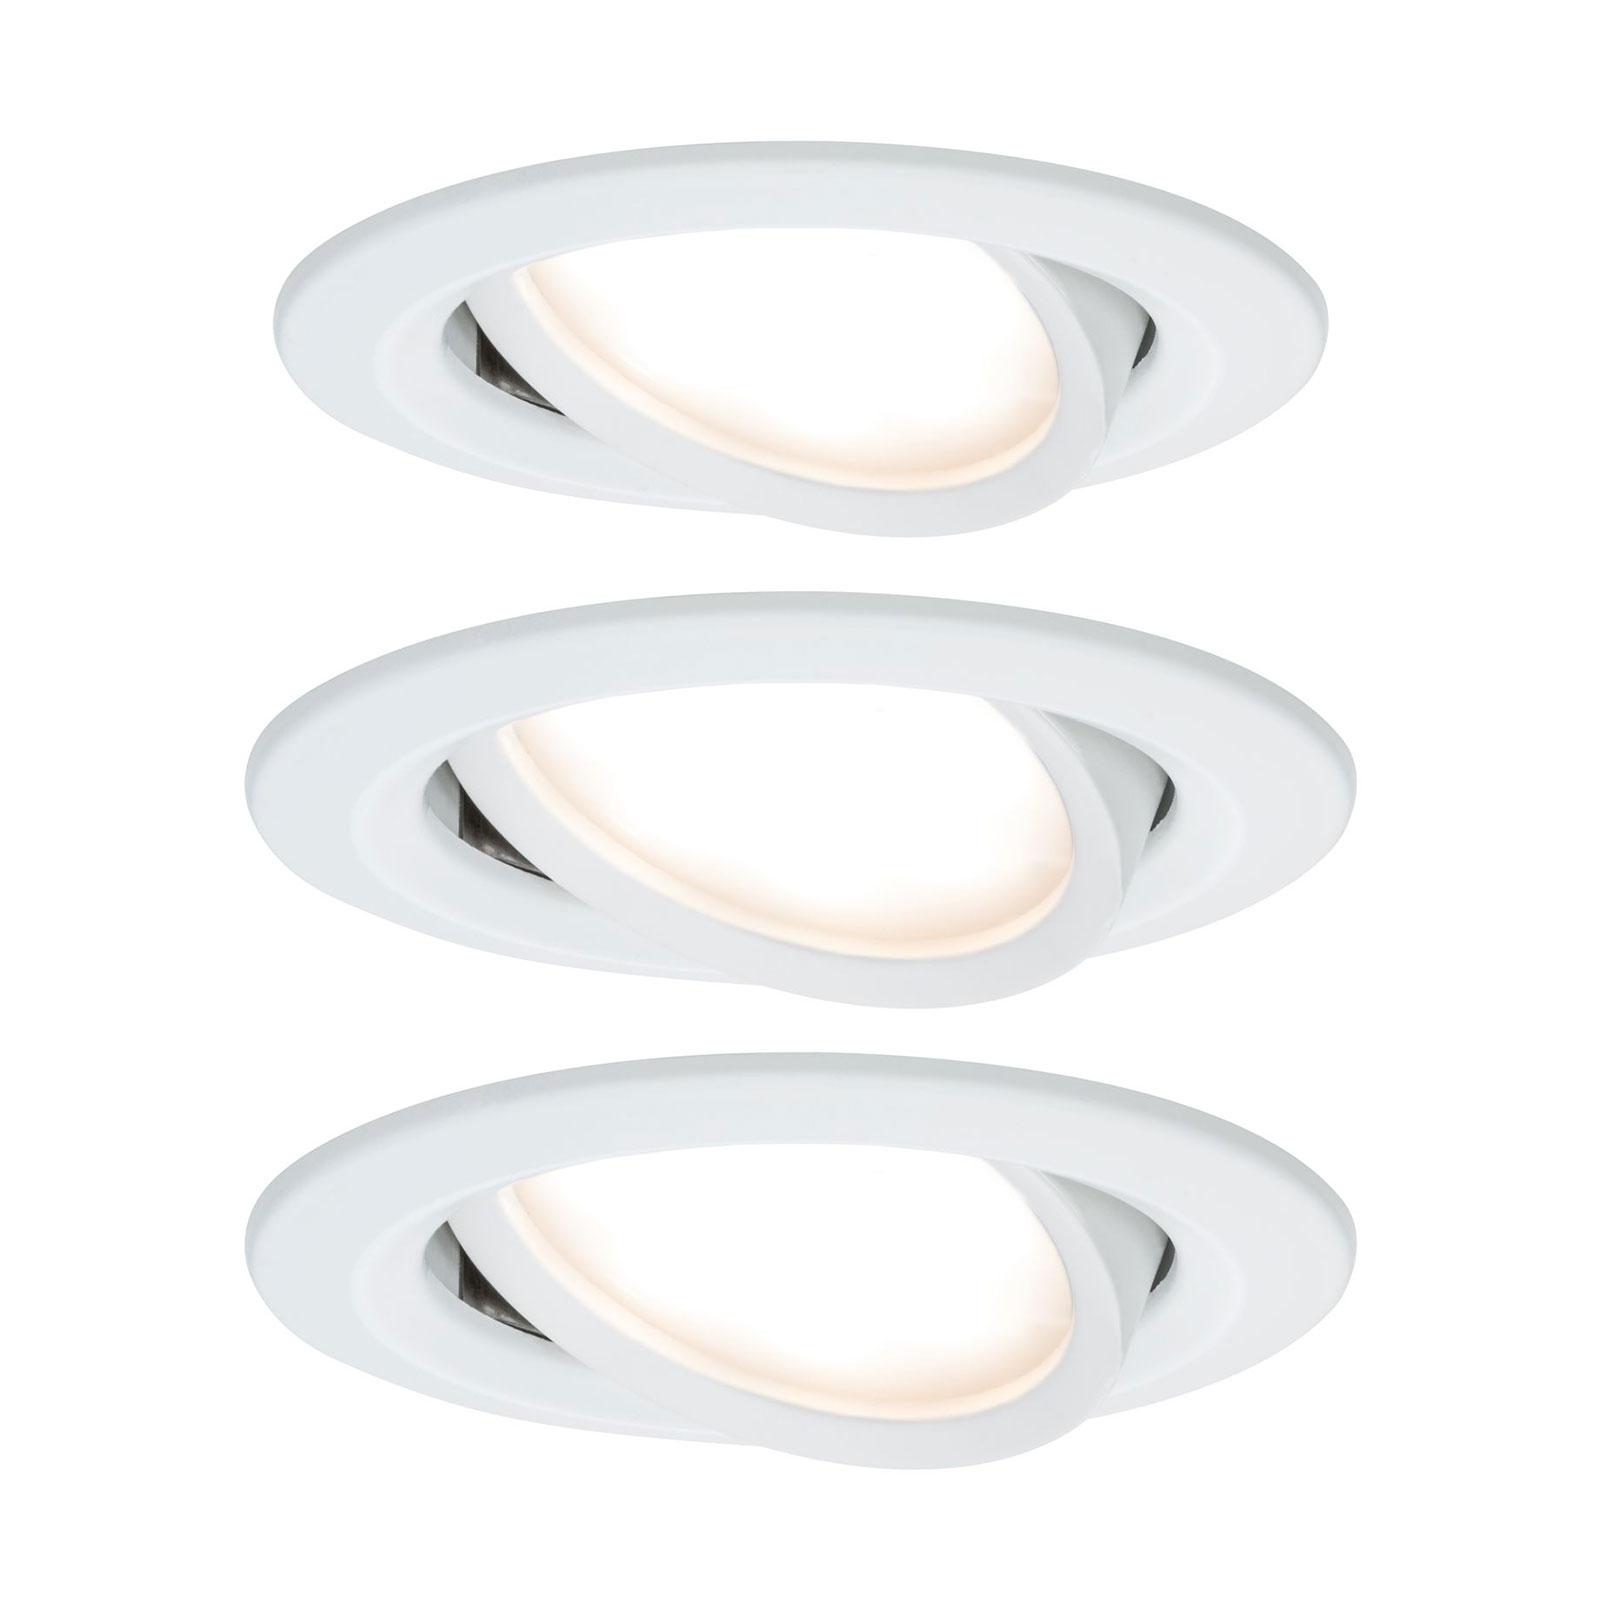 Paulmann Nova LED-inbyggnadsspot 3-pack vit